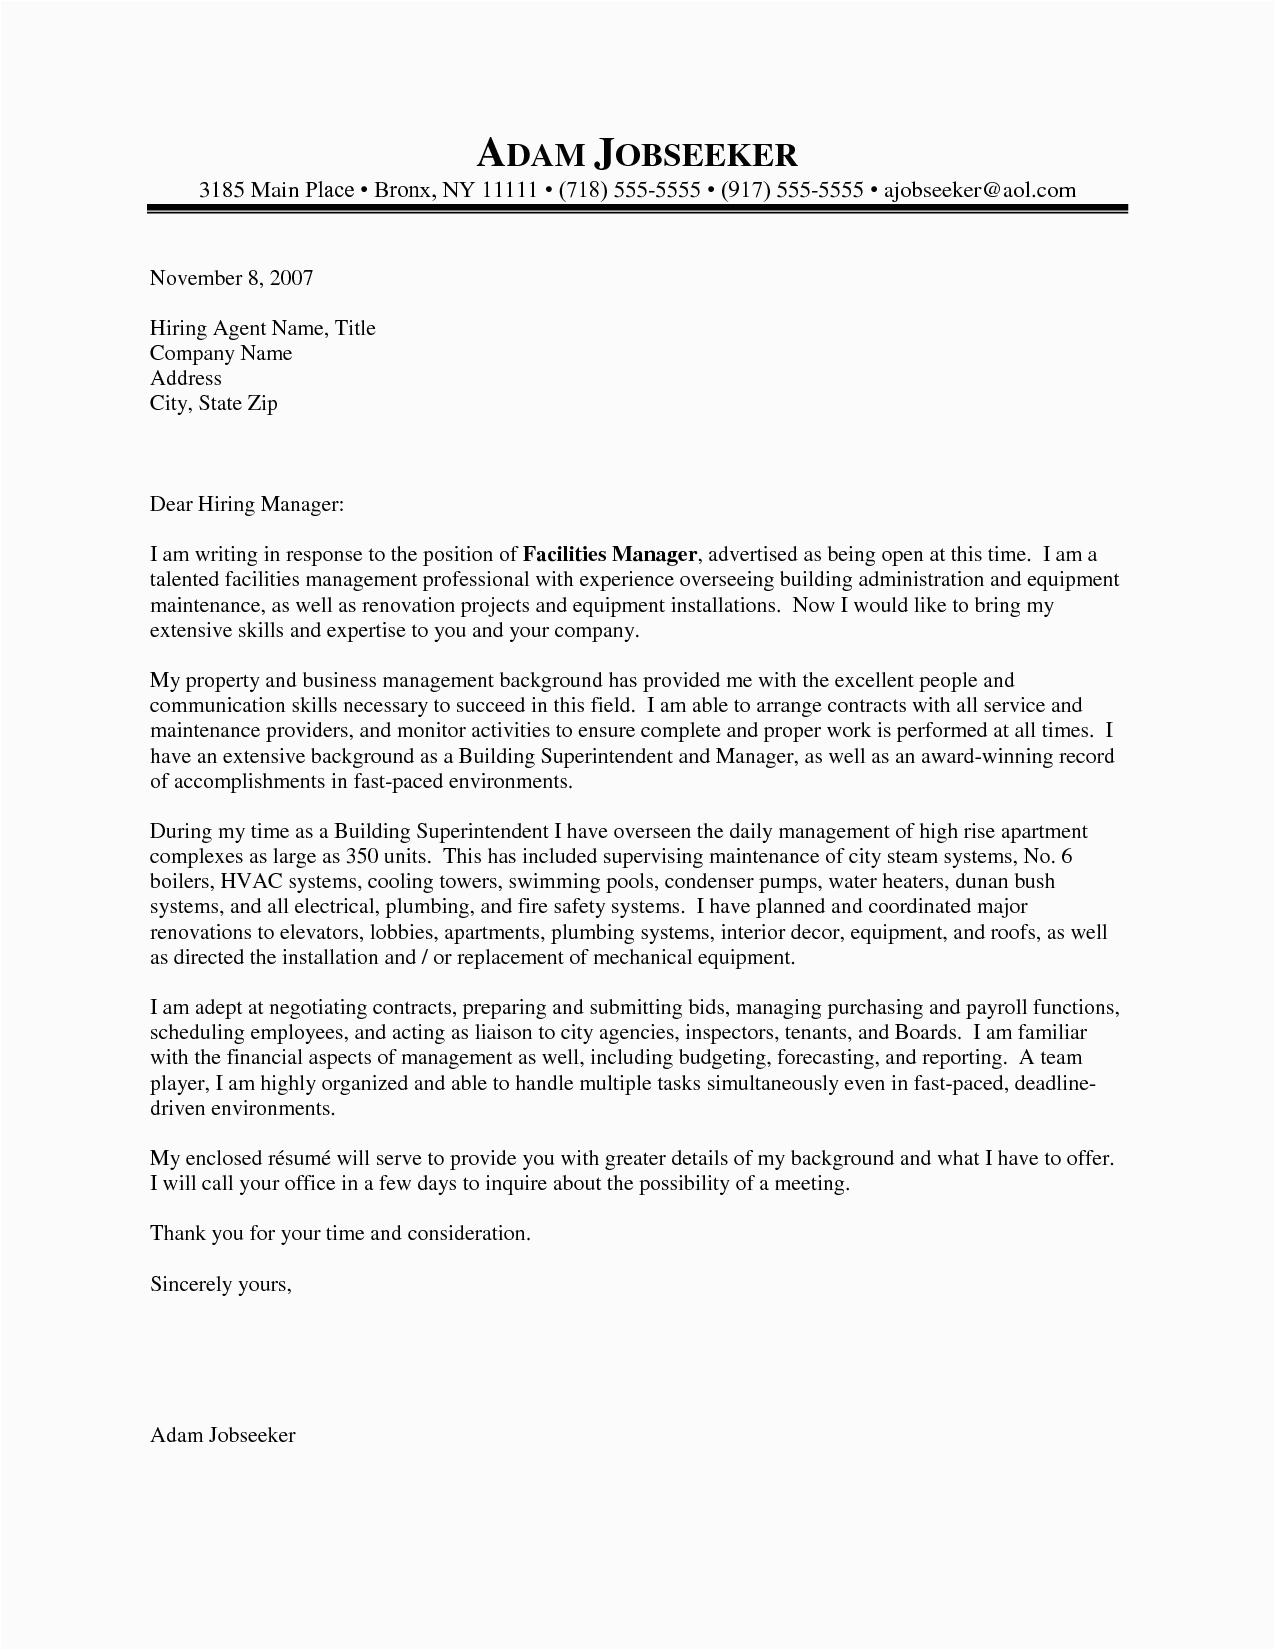 Sample Resume Cover Letter for Supervisor Position Cover Letter for Supervisor Position